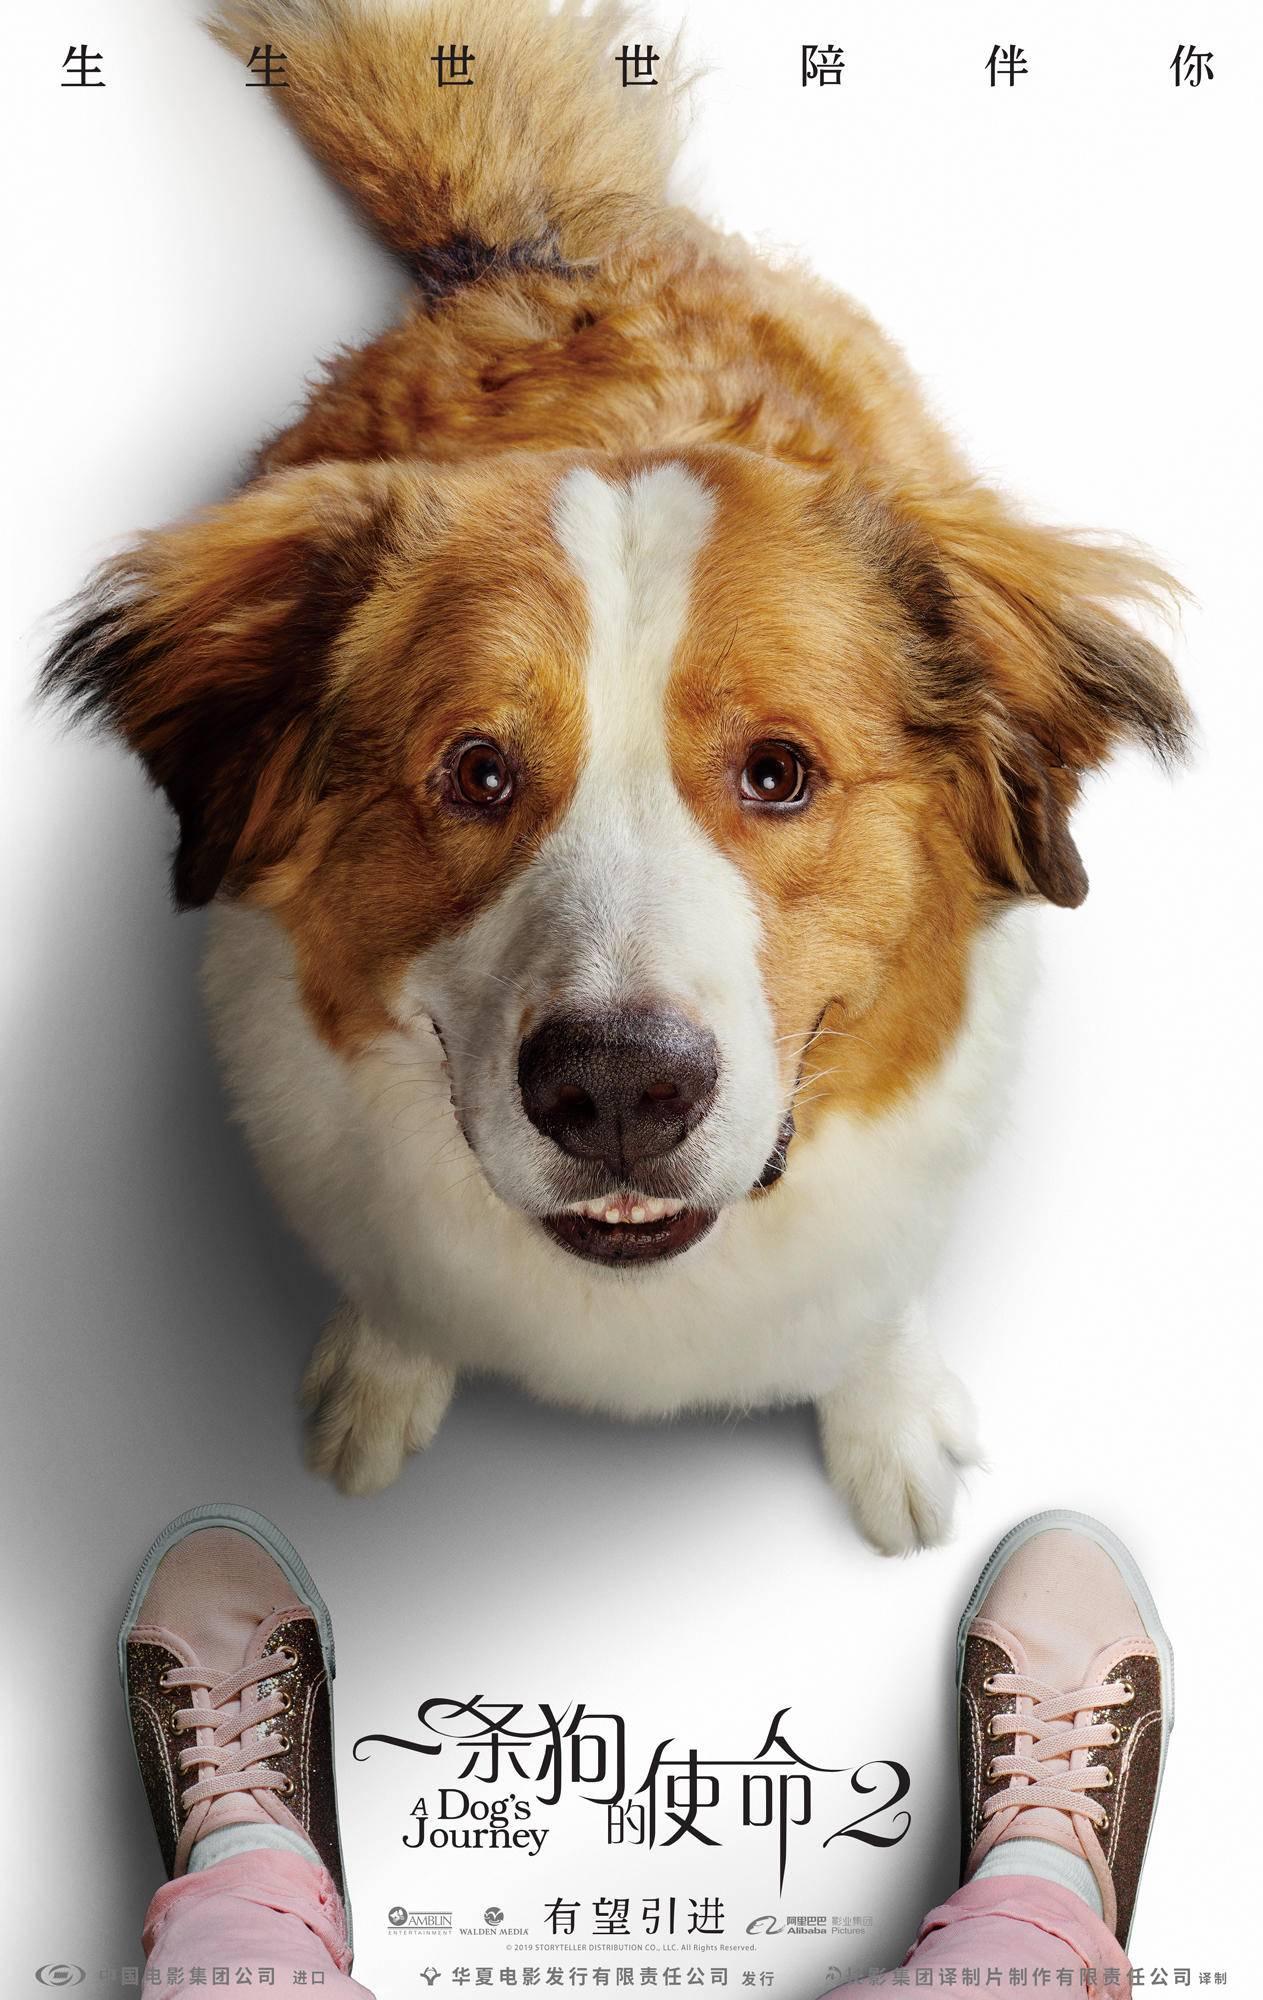 《一条狗的使命2》携原班人马归来,贝利再掀暖心风暴